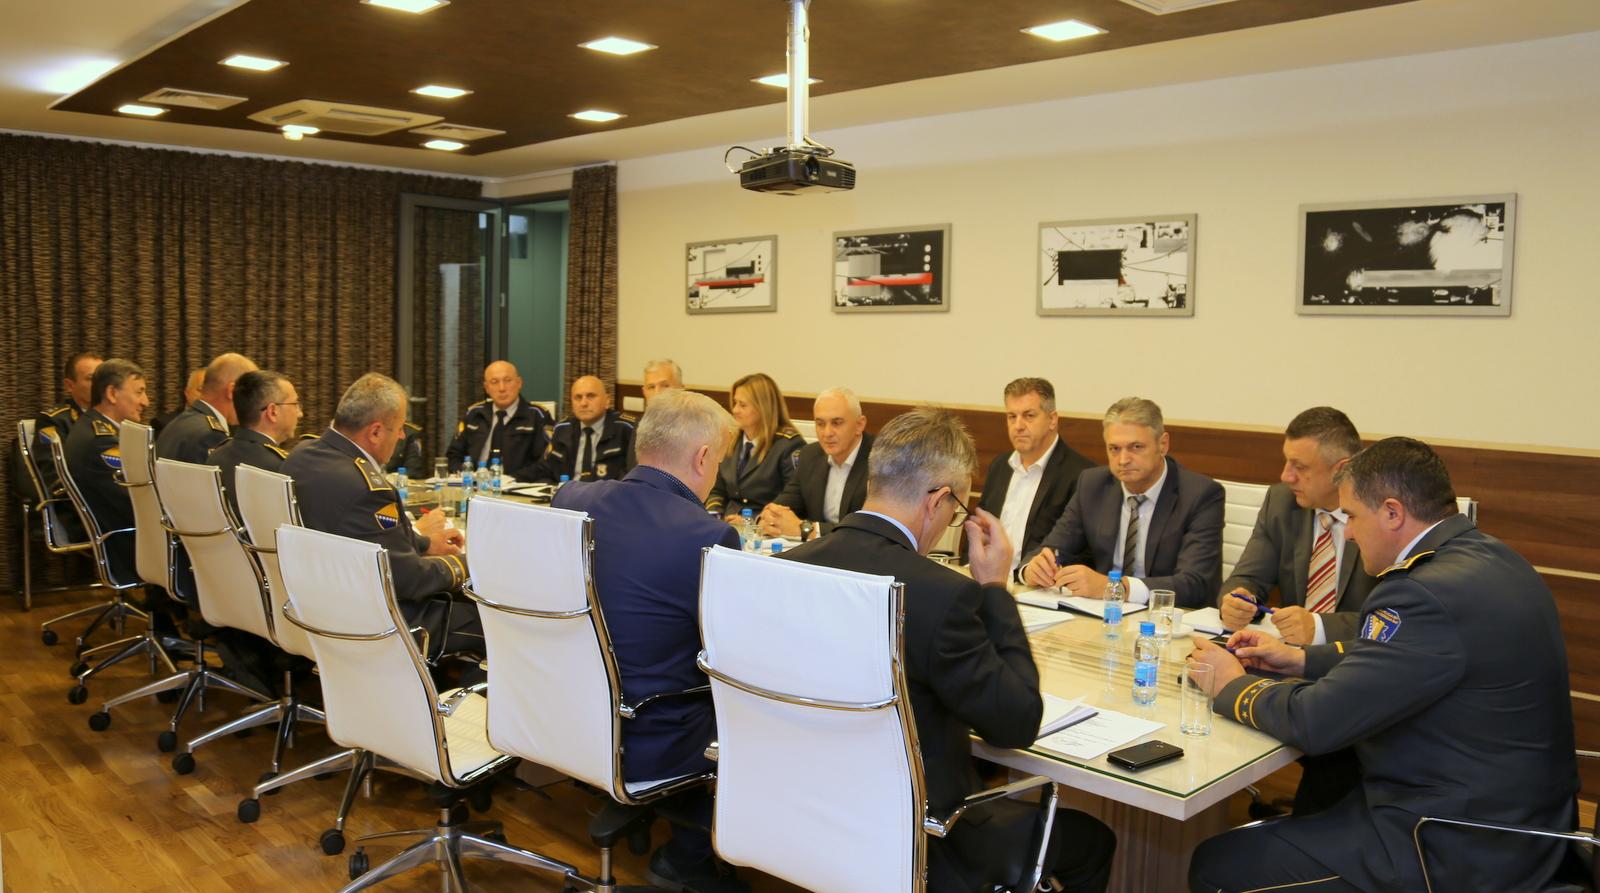 Granična policija BiH još uvek ima problem sa manjkom pripadnika